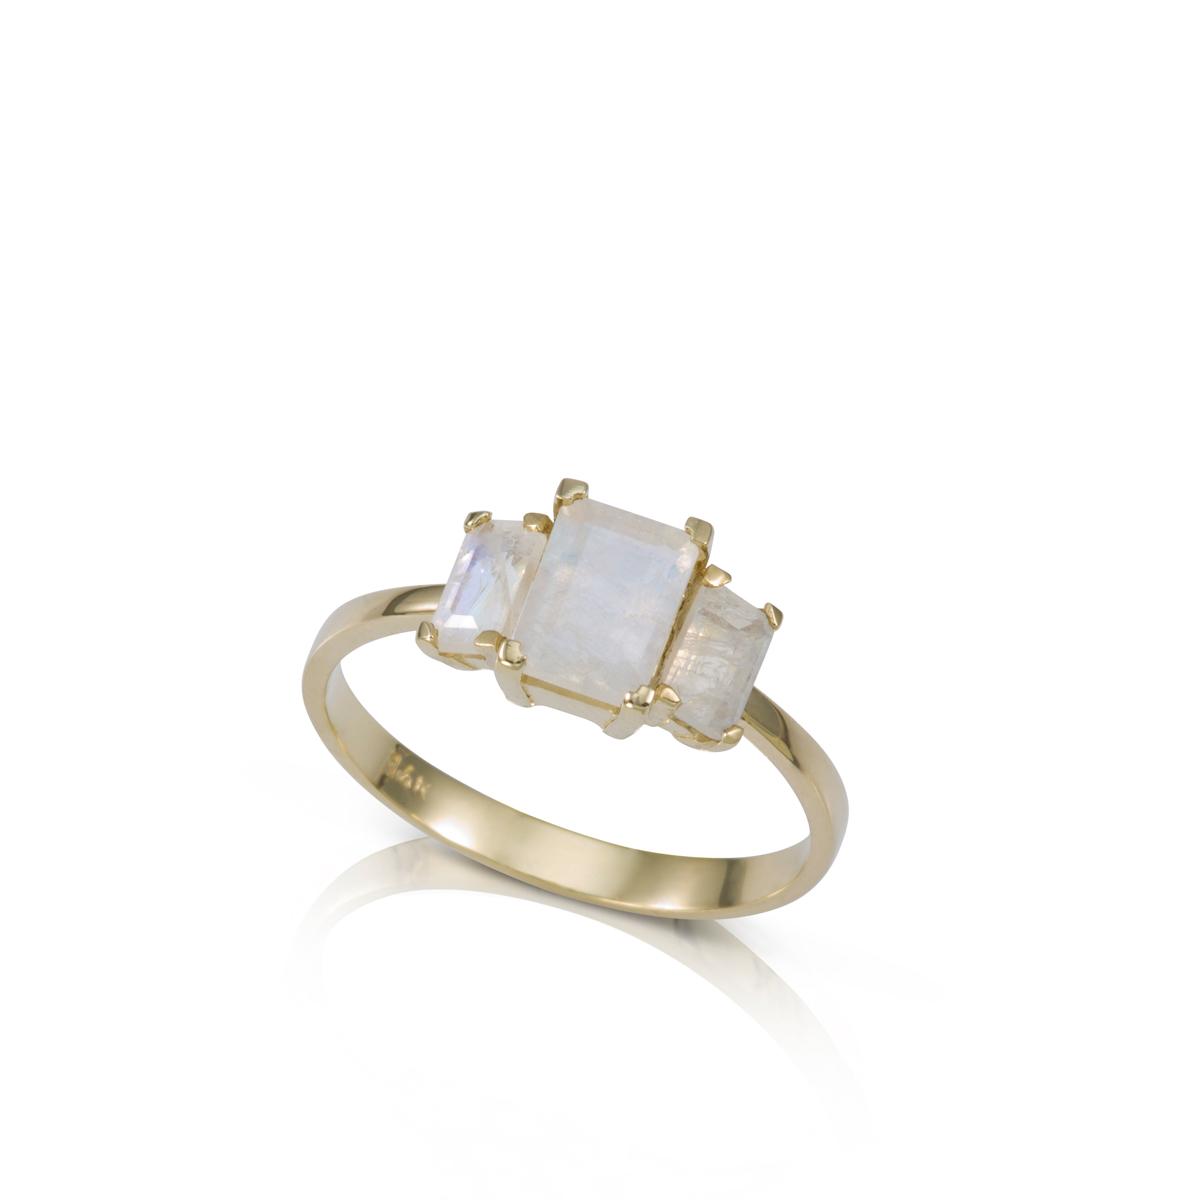 Emerald cut moonstones ring